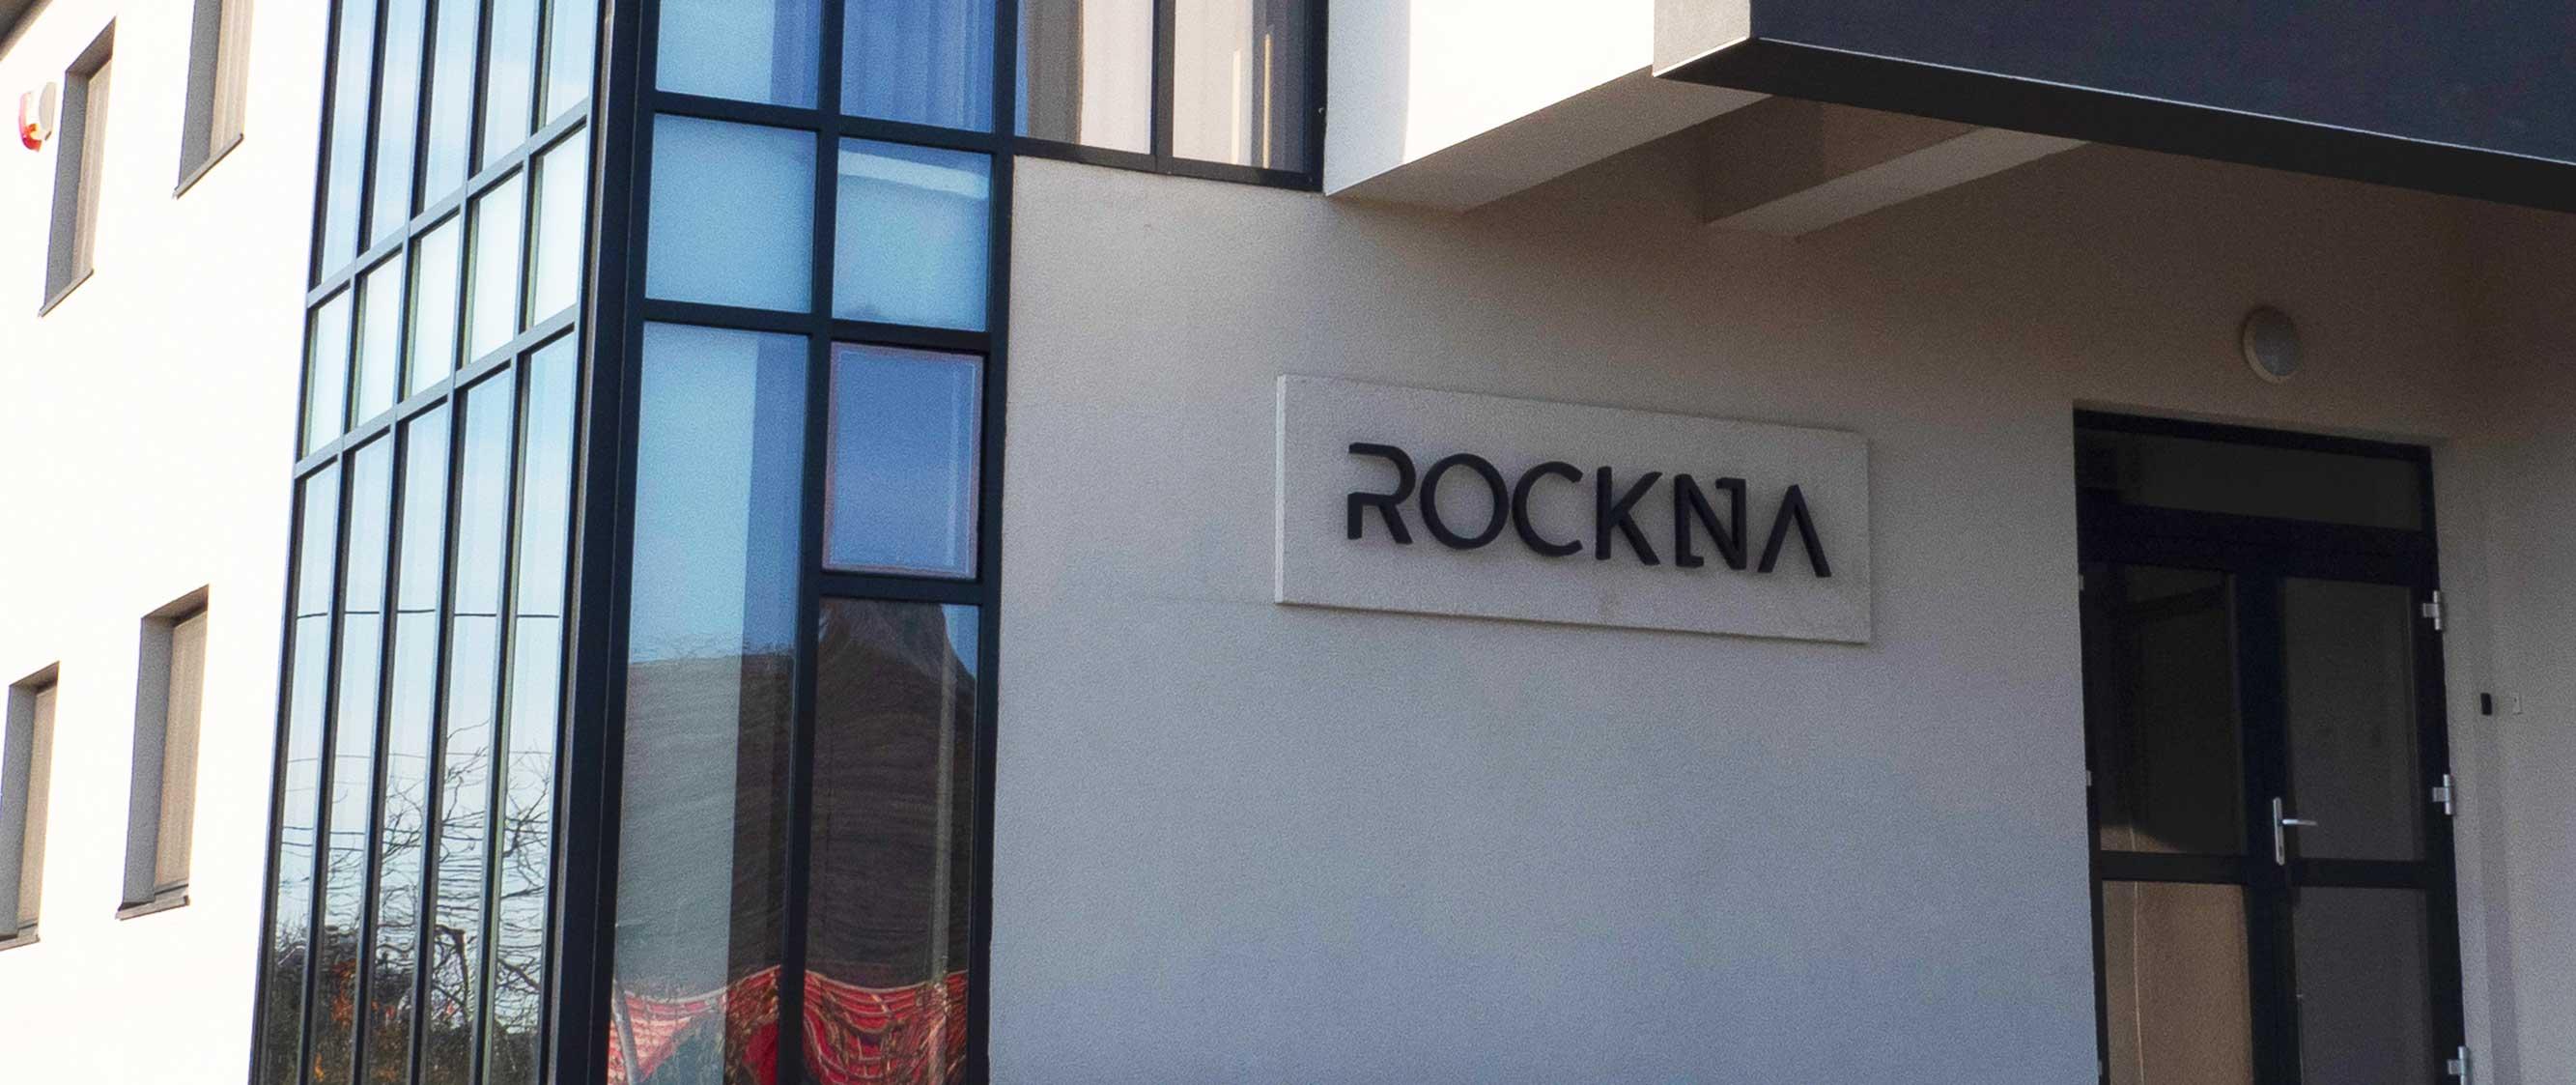 Rockna company day logo